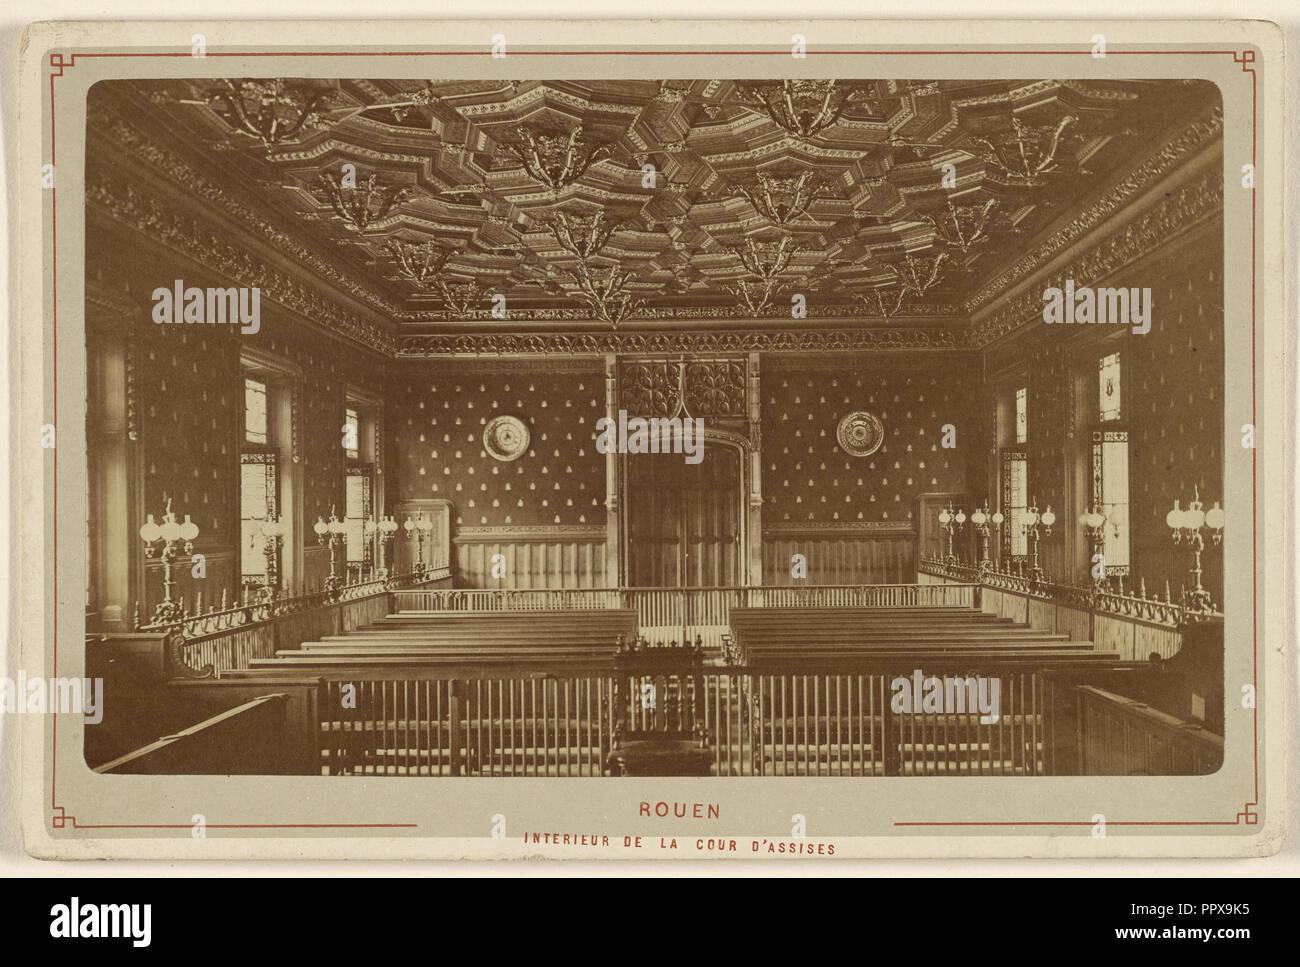 Rouen. Interieur de la Cour d'Assises; Le Comte, Französisch, aktive Rouen, Frankreich 1860S, 1880s; Eiklar silber Drucken Stockbild